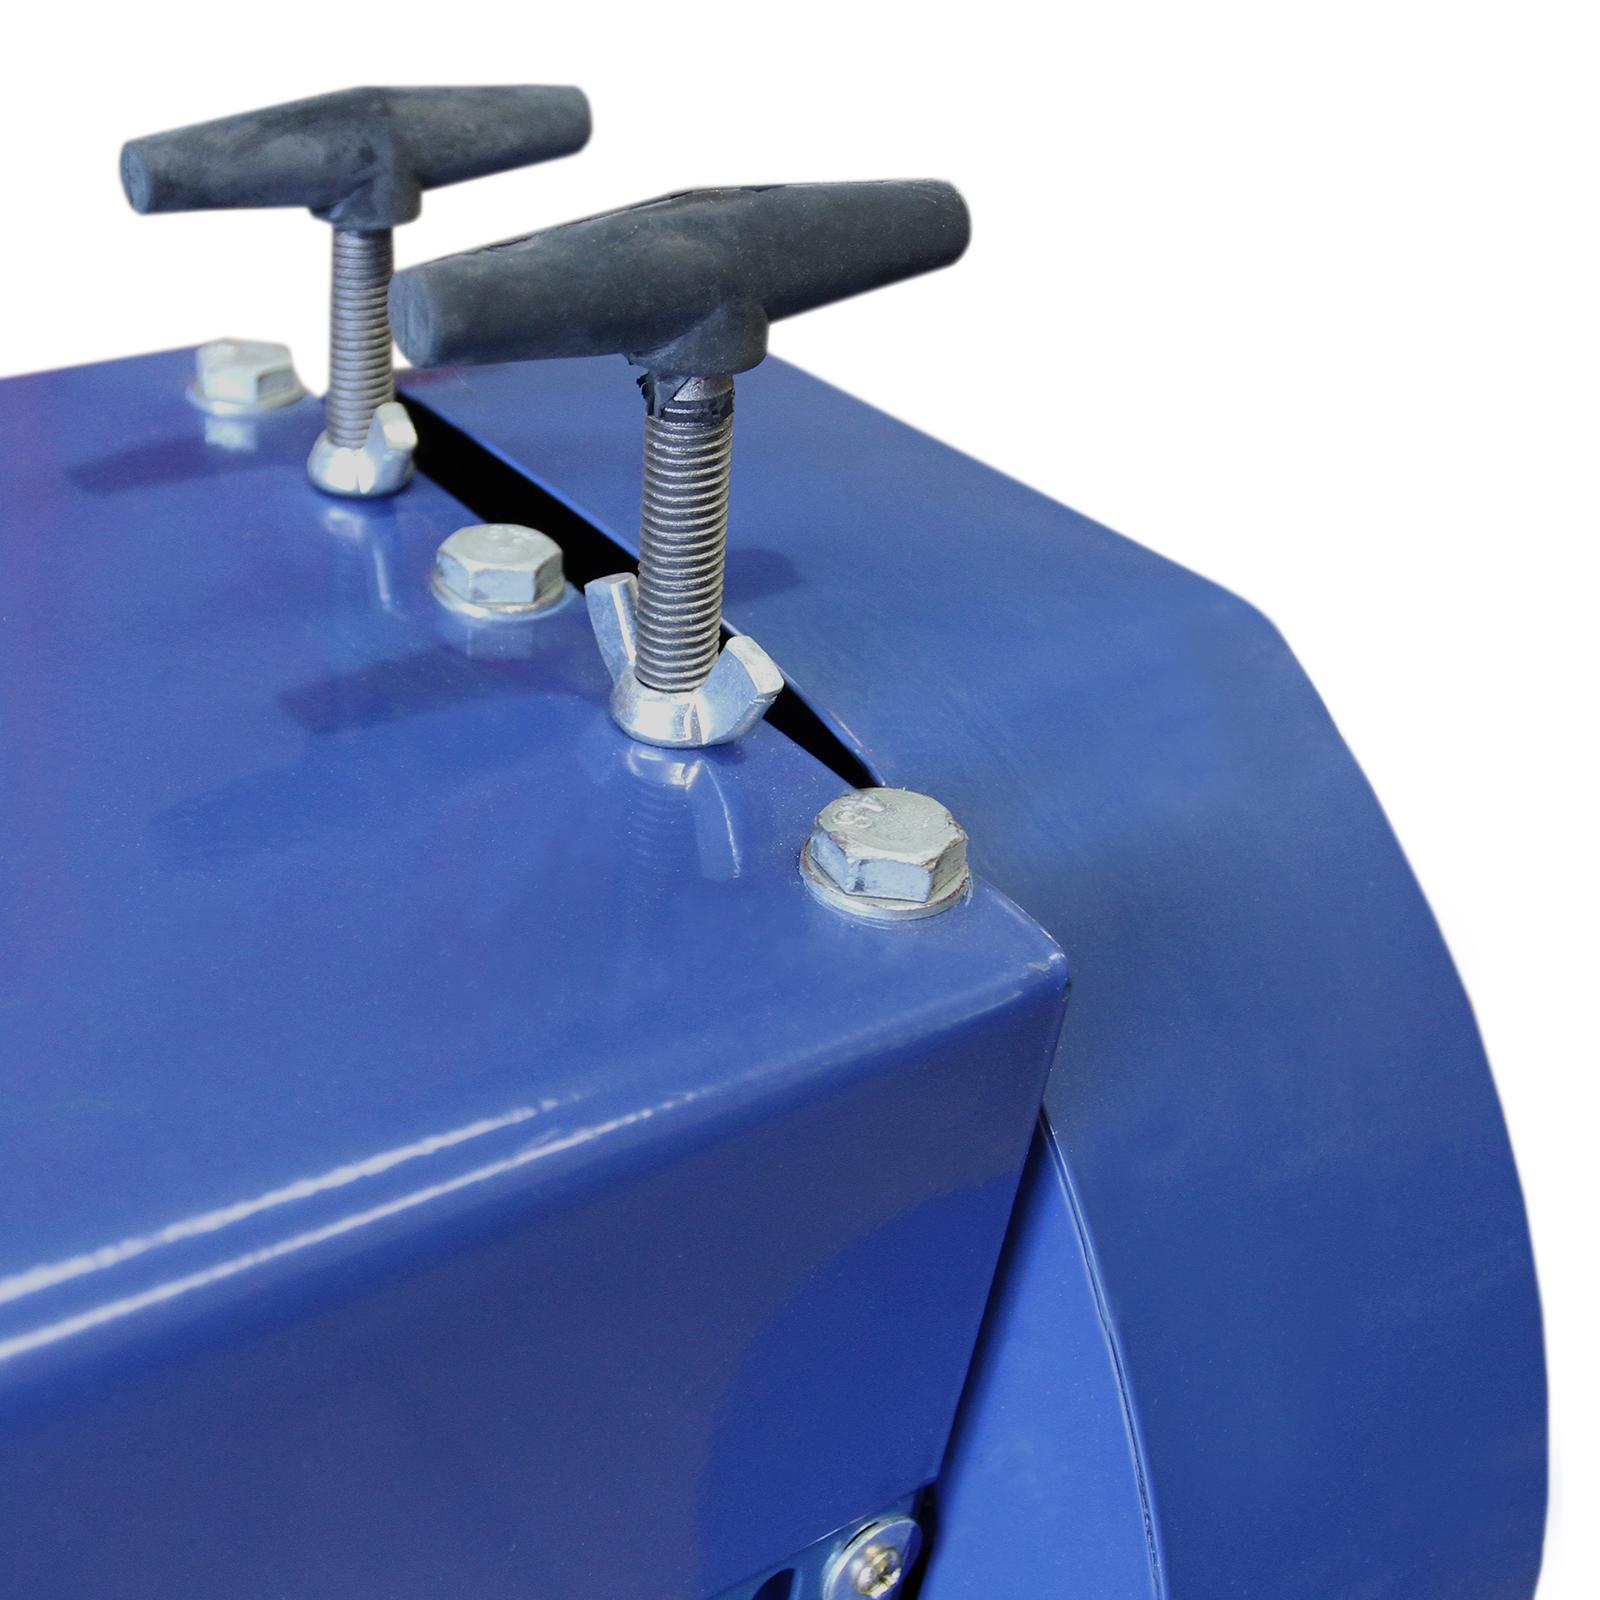 Automatische Kabelsch/älmaschine Abisoliermaschine Kabelabisoliermaschine Kabel Schneidzange Drahtschneidemaschine Kabelisolierer elektrisch 380W//0.5 PS 38 mm